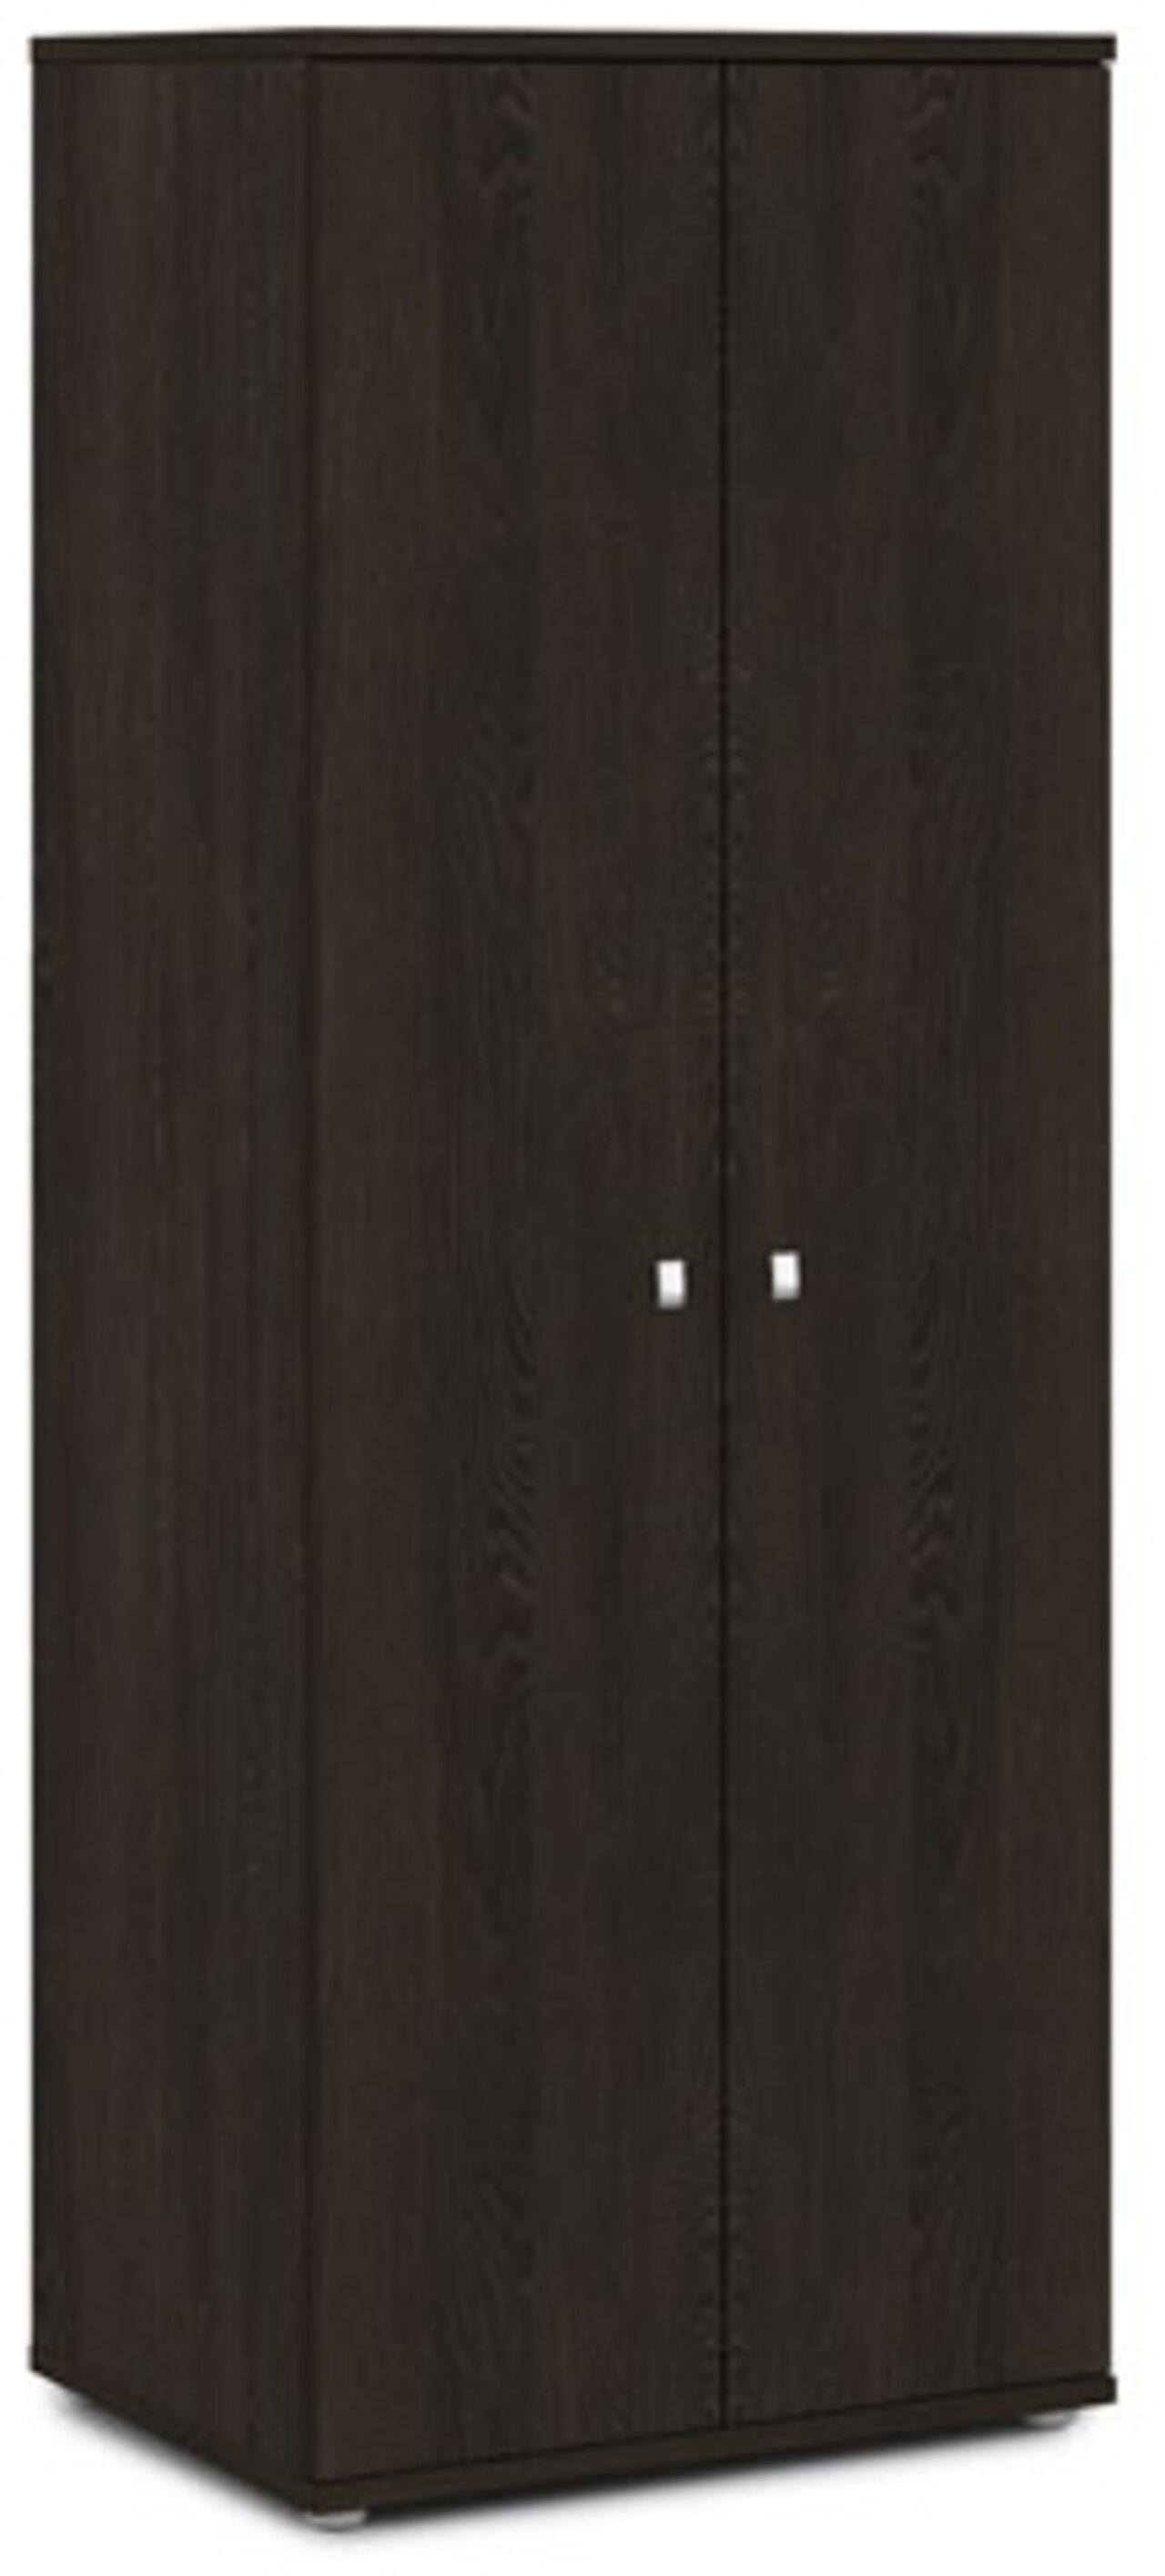 Шкаф для одежды  Vasanta 82x59x220 - фото 1